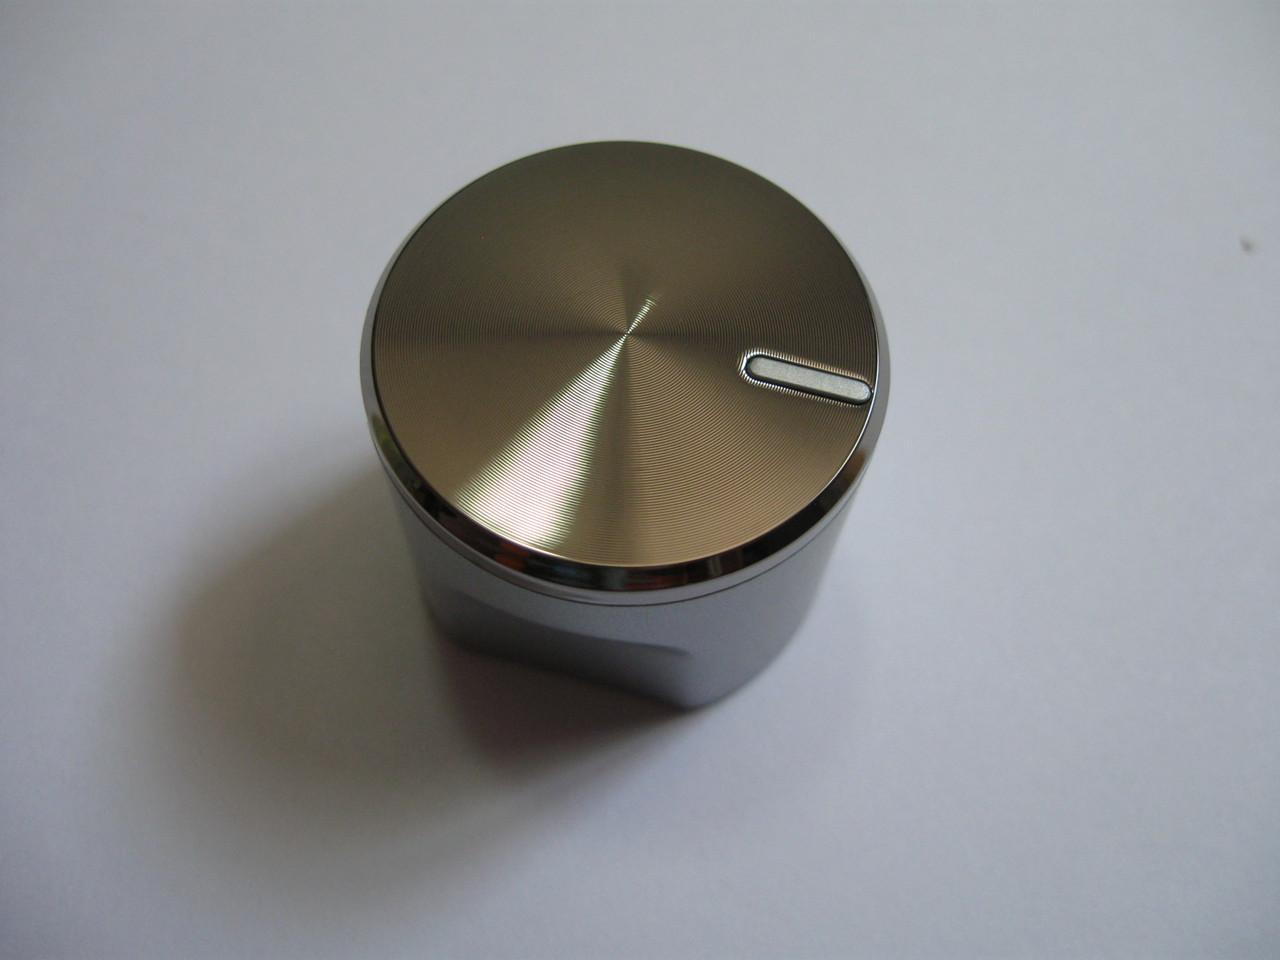 Ручка переключения режимов Samsung DG82-01007B